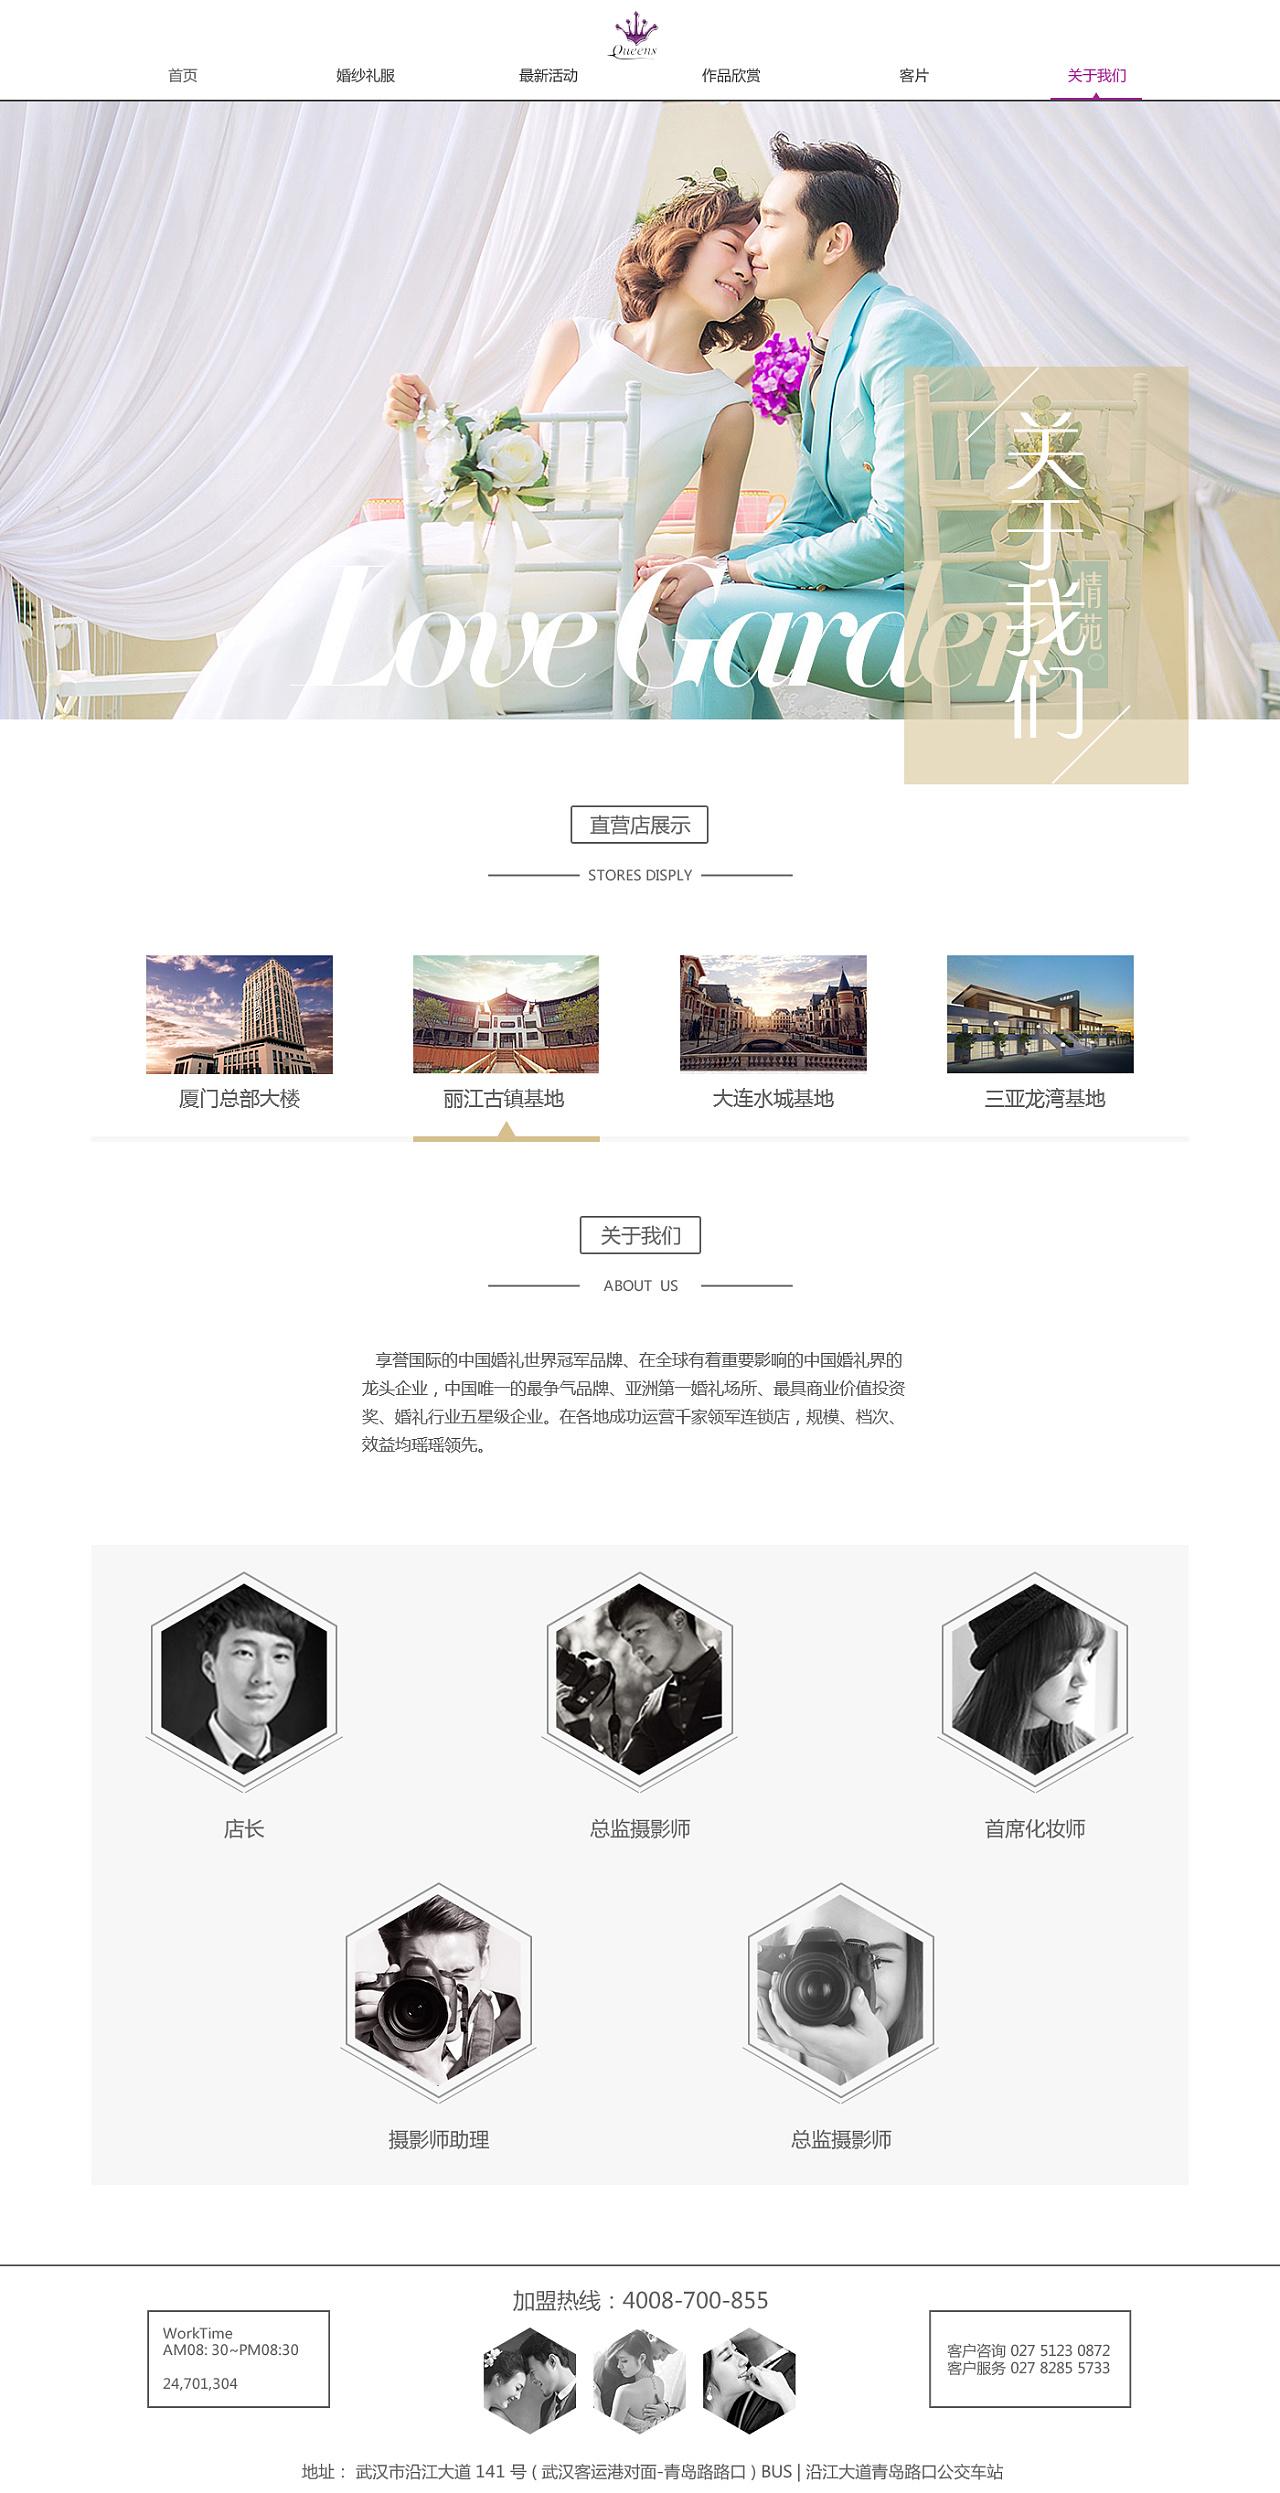 婚纱摄影网站设计-网页设计-电商设计-web界面设计